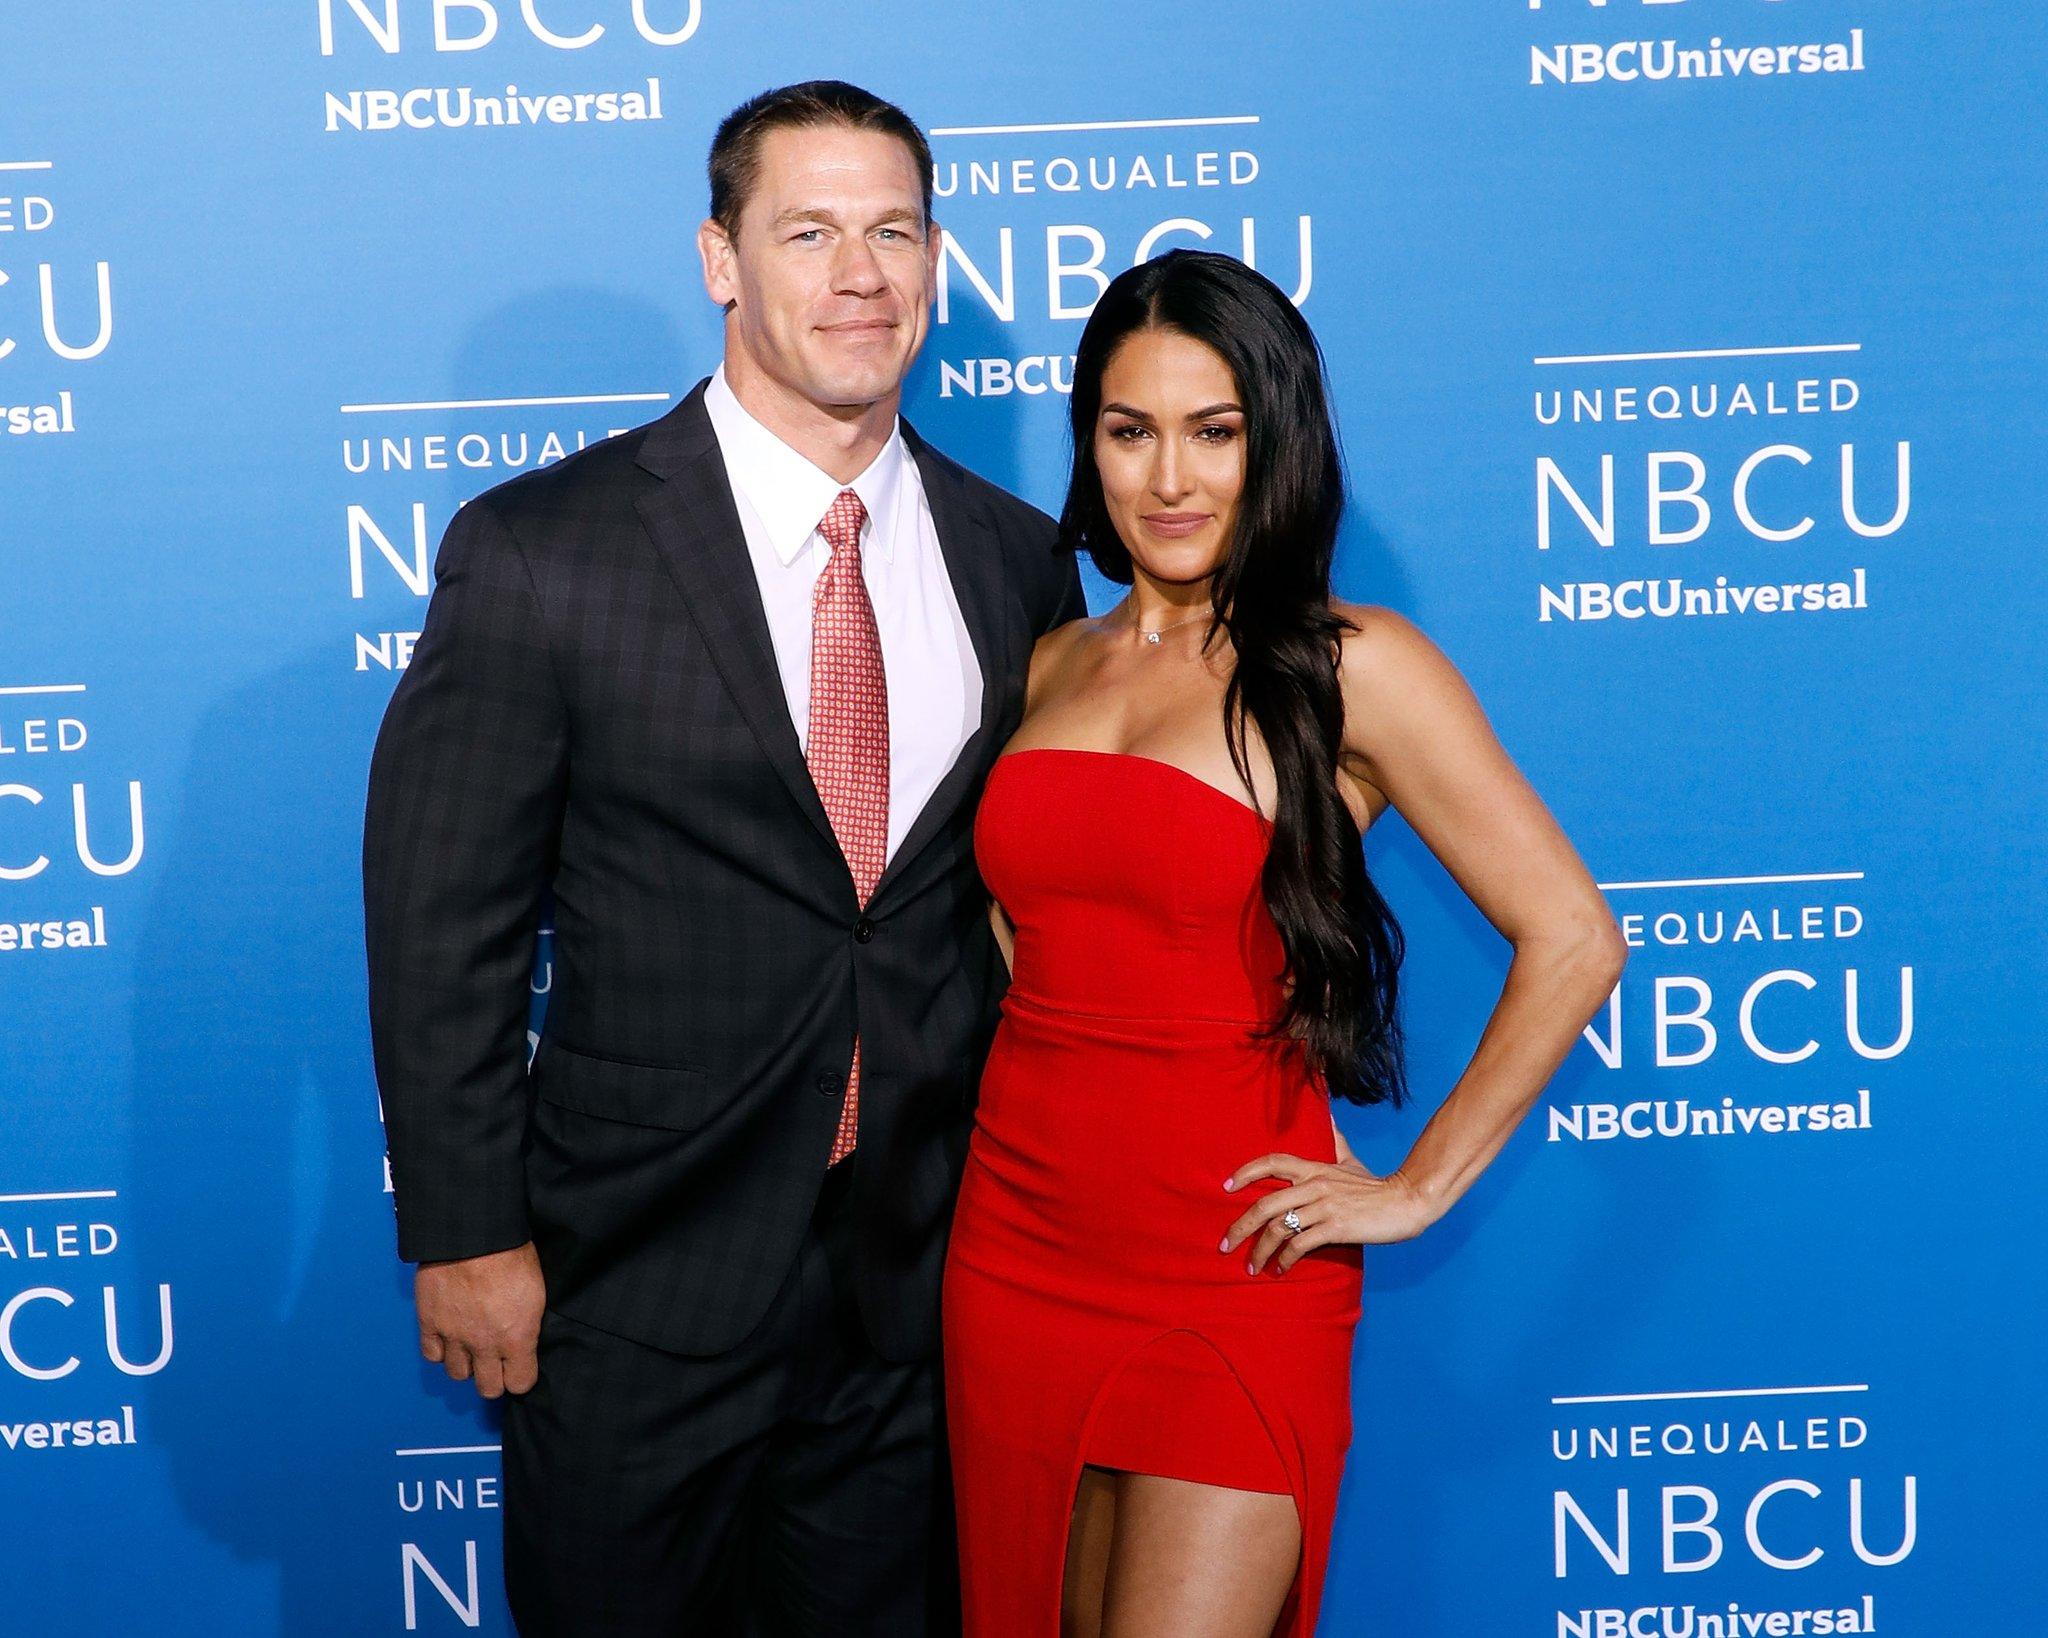 celebrity breakups Nikki Bella John Cena